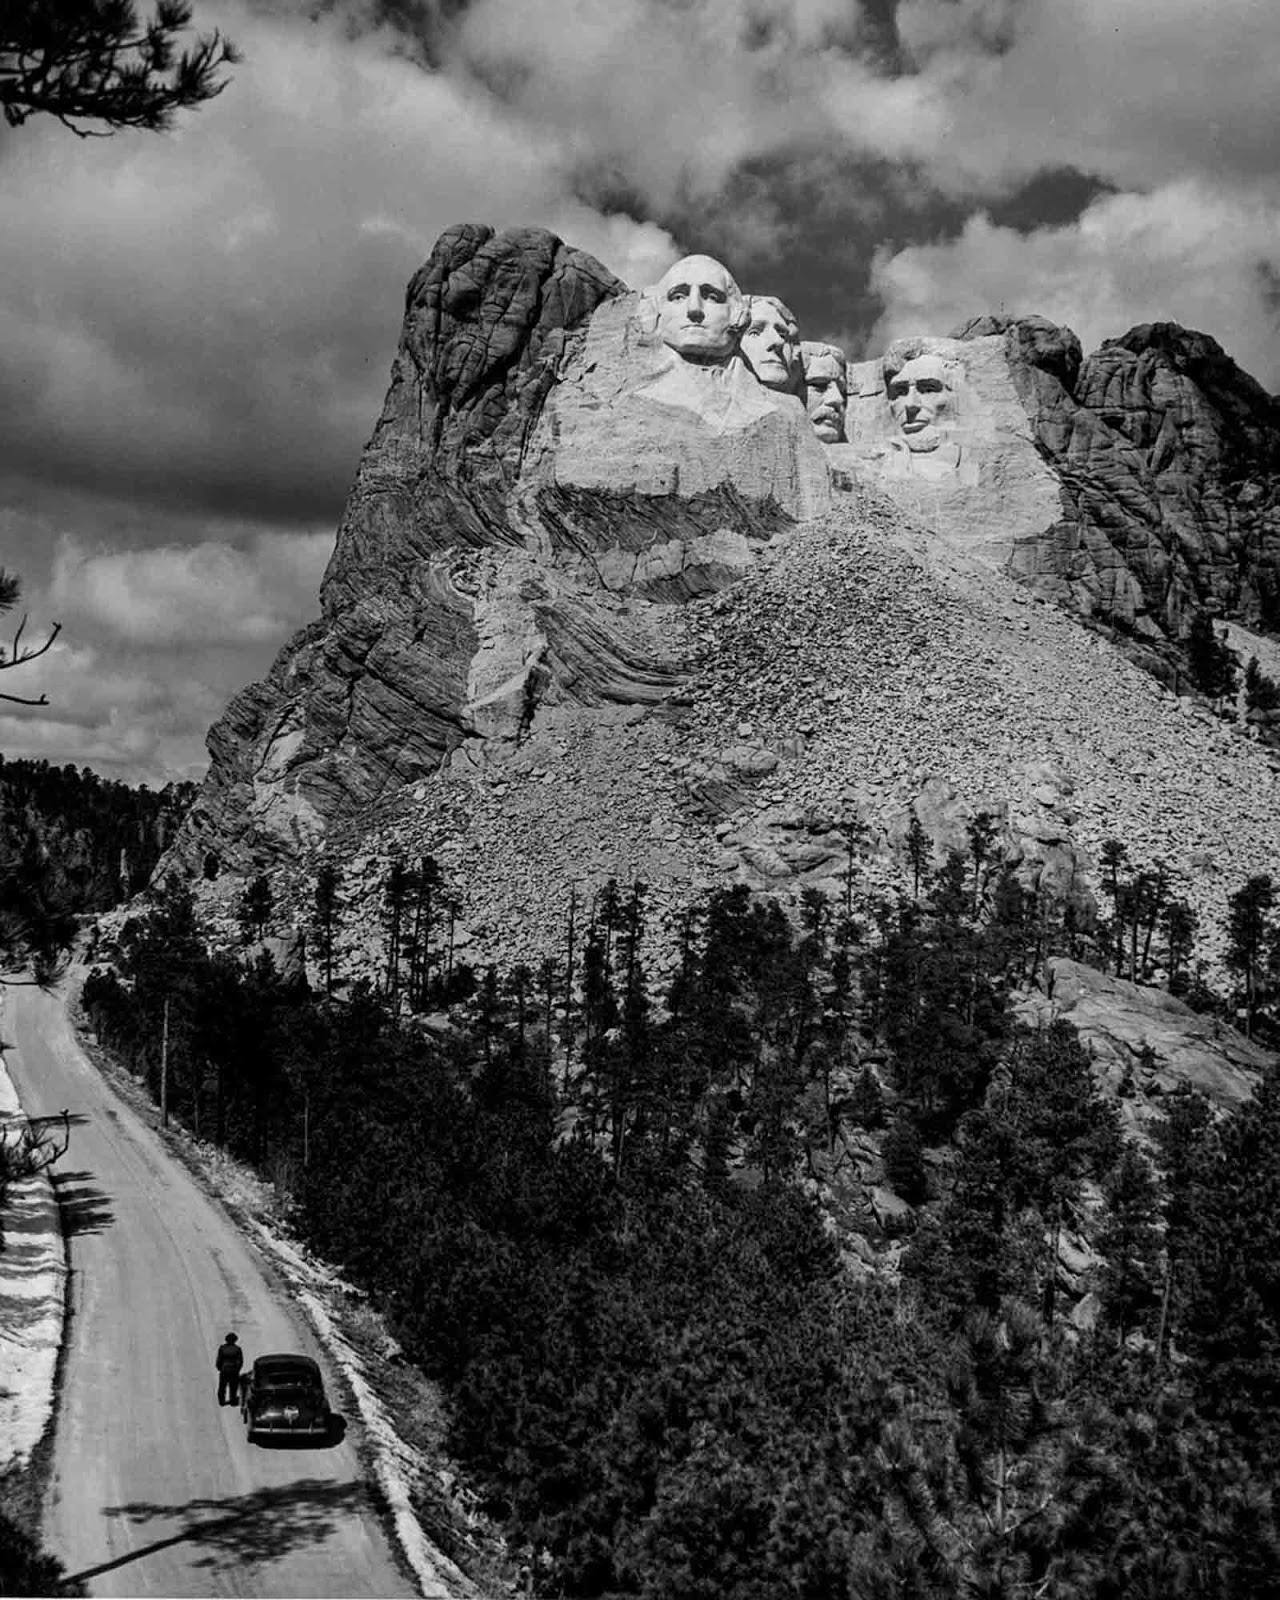 Mount Rushmore in 1941.